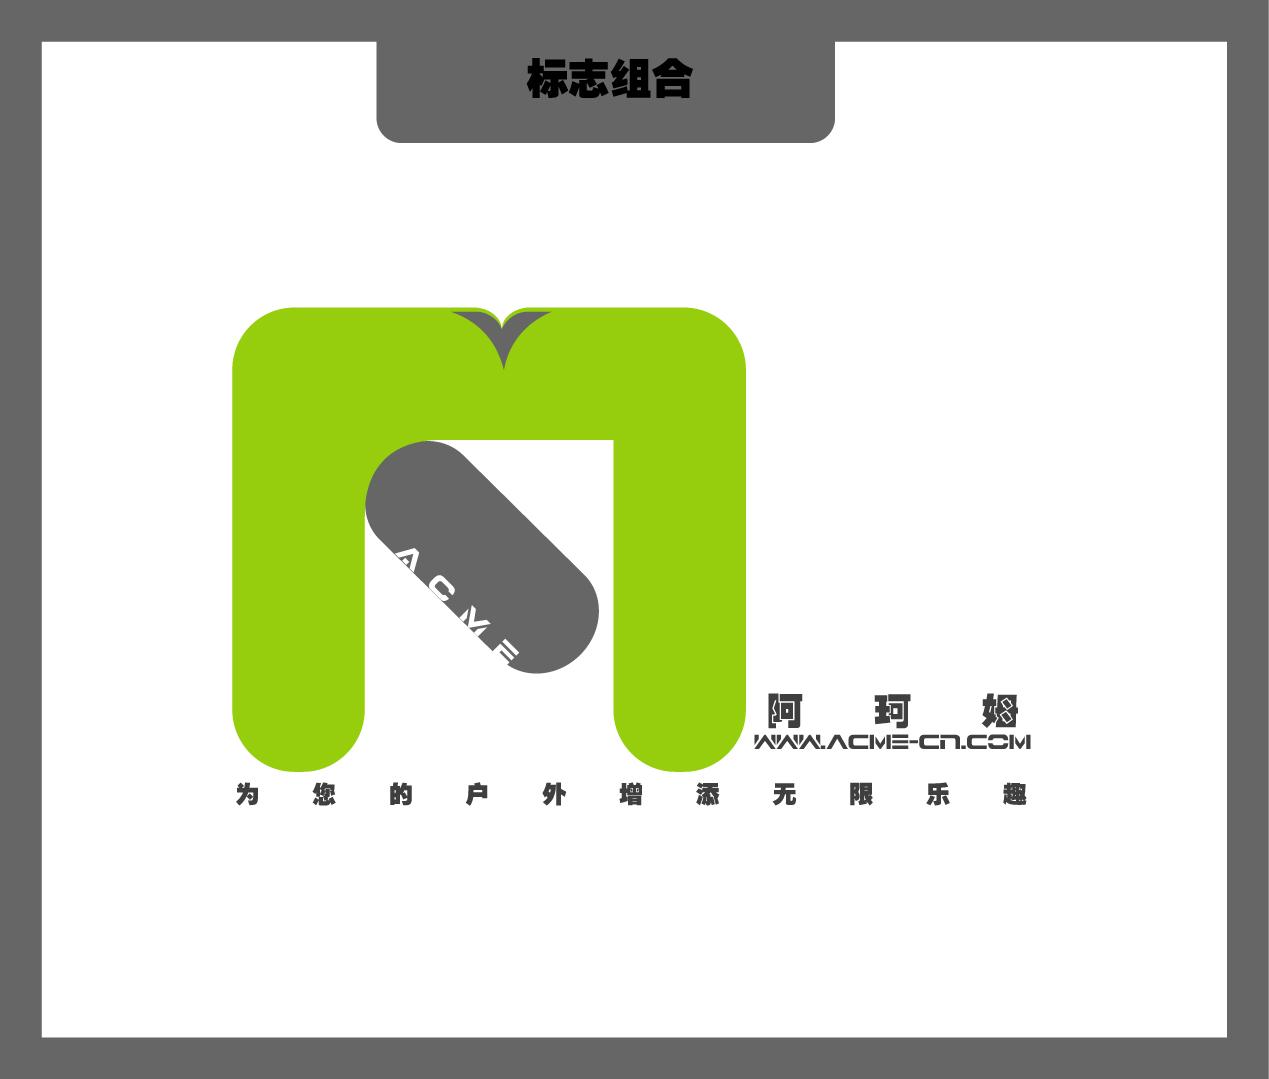 户外名牌acme(阿珂姆)商标设计